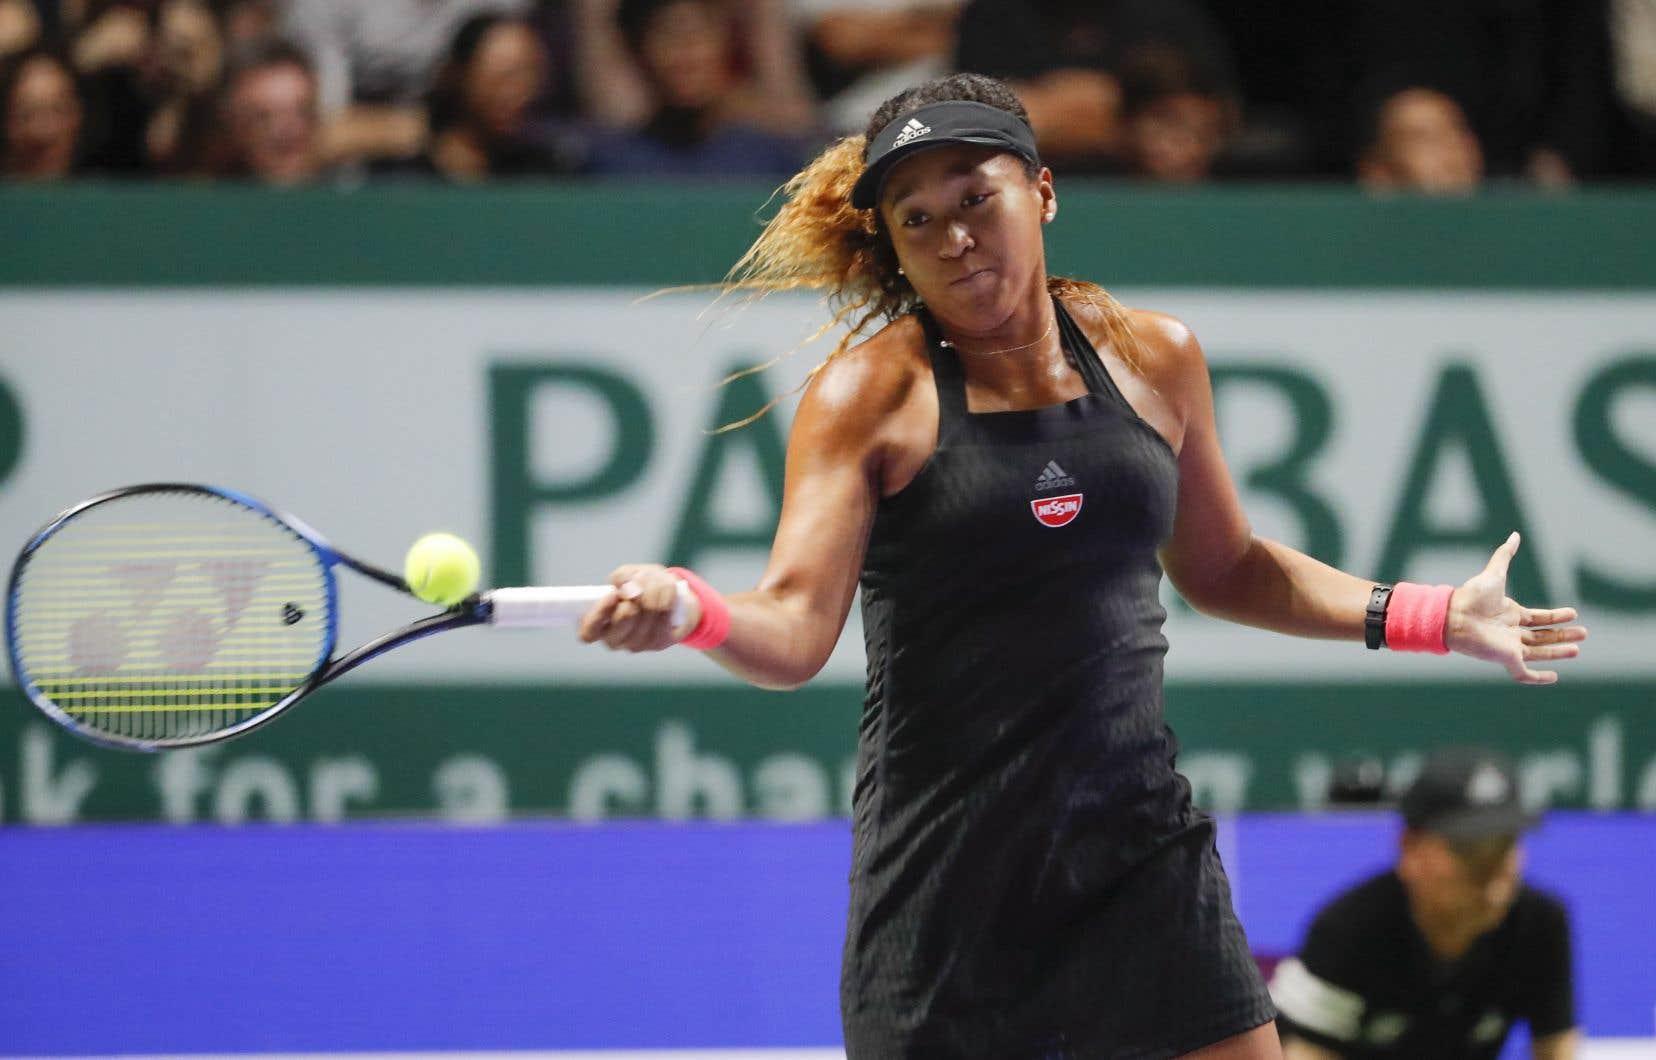 Naomi Osaka, la seule Japonaise à avoir remporté un titre du Grand Chelem, a quitté le terrain afin de recevoir des soins après le huitième jeu alors qu'elle tirait de l'arrière 5-3.